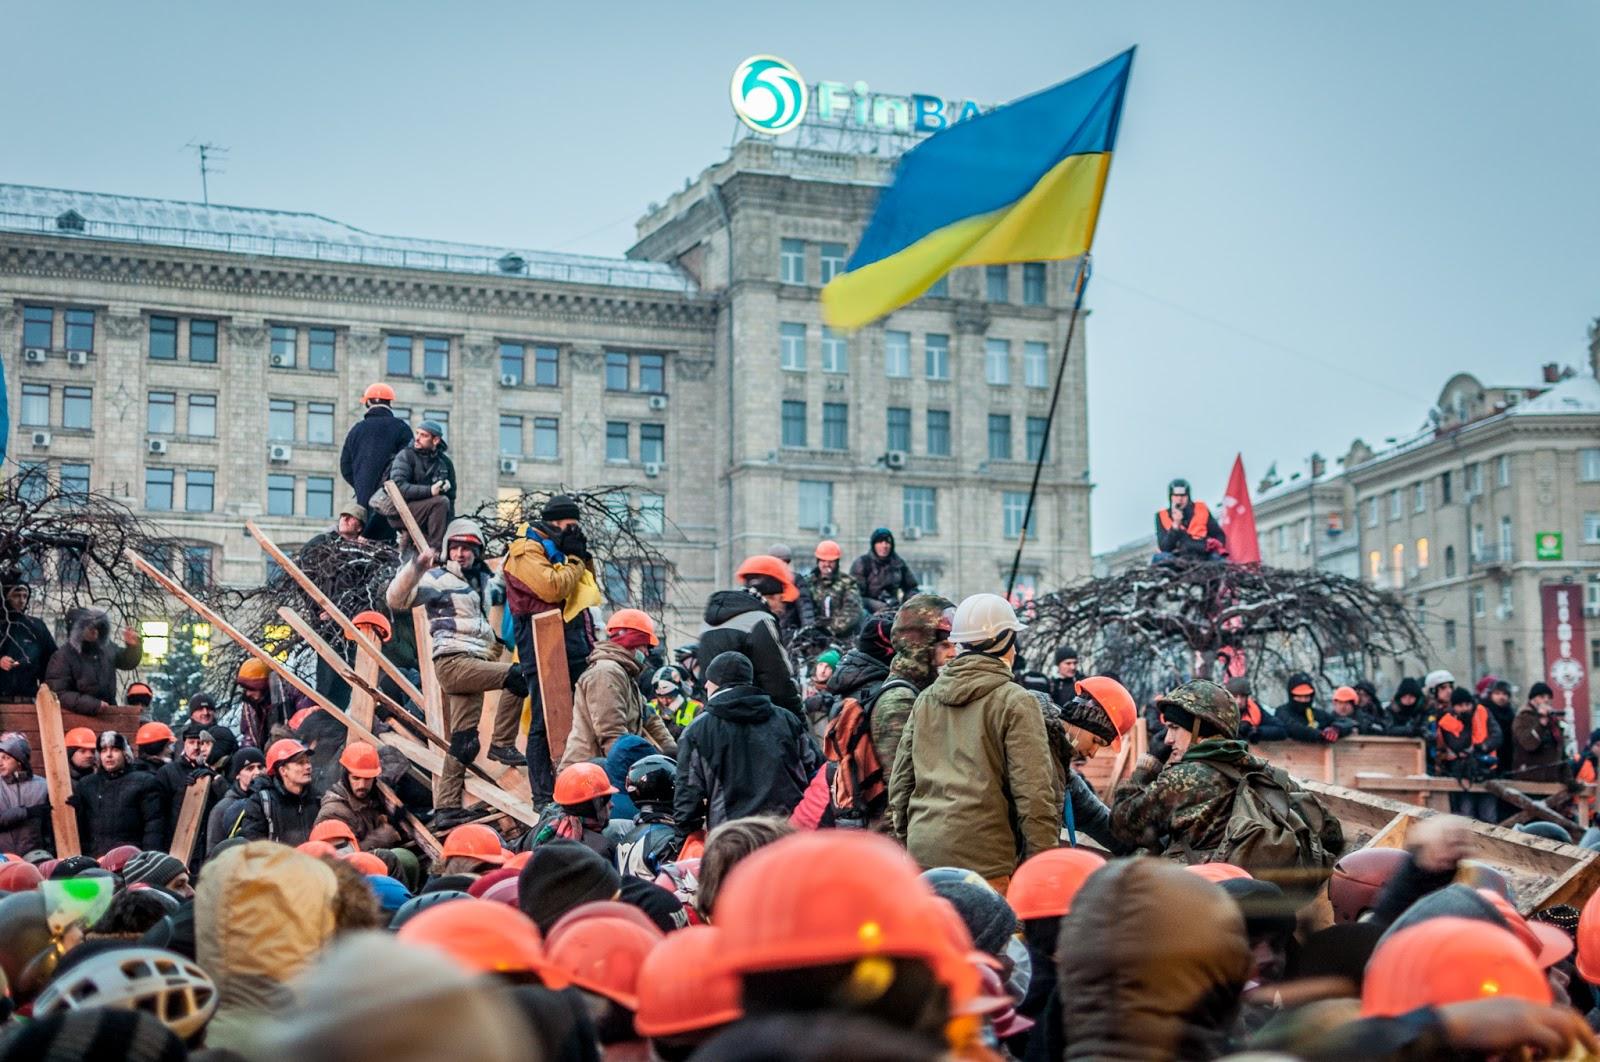 ВИДЕО: На Майдан идет подкрепление со всех регионов! Узнайте, что происходит в Киеве